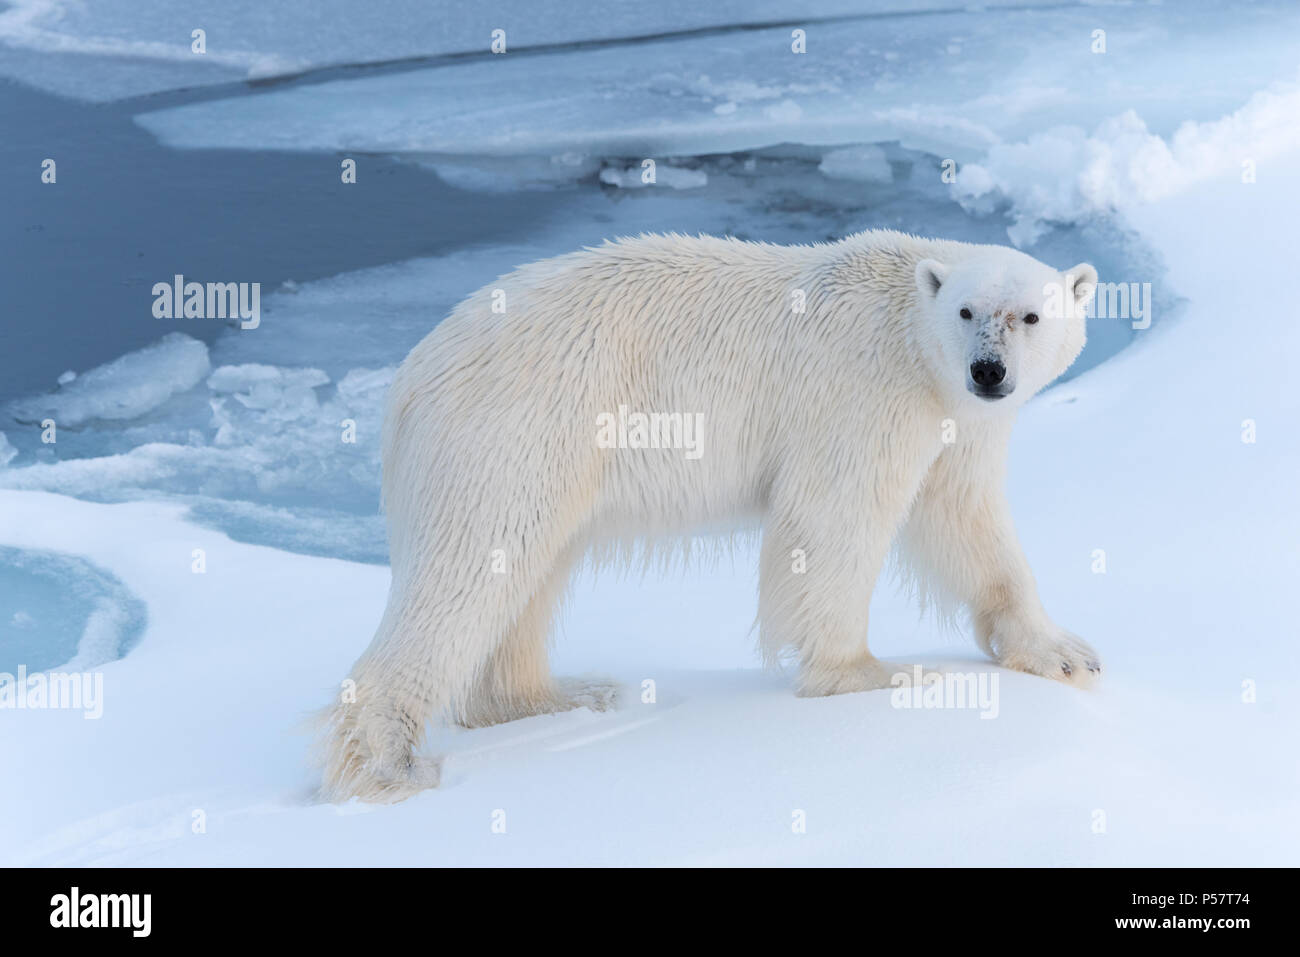 Orso polare a piedi attraverso la neve Immagini Stock